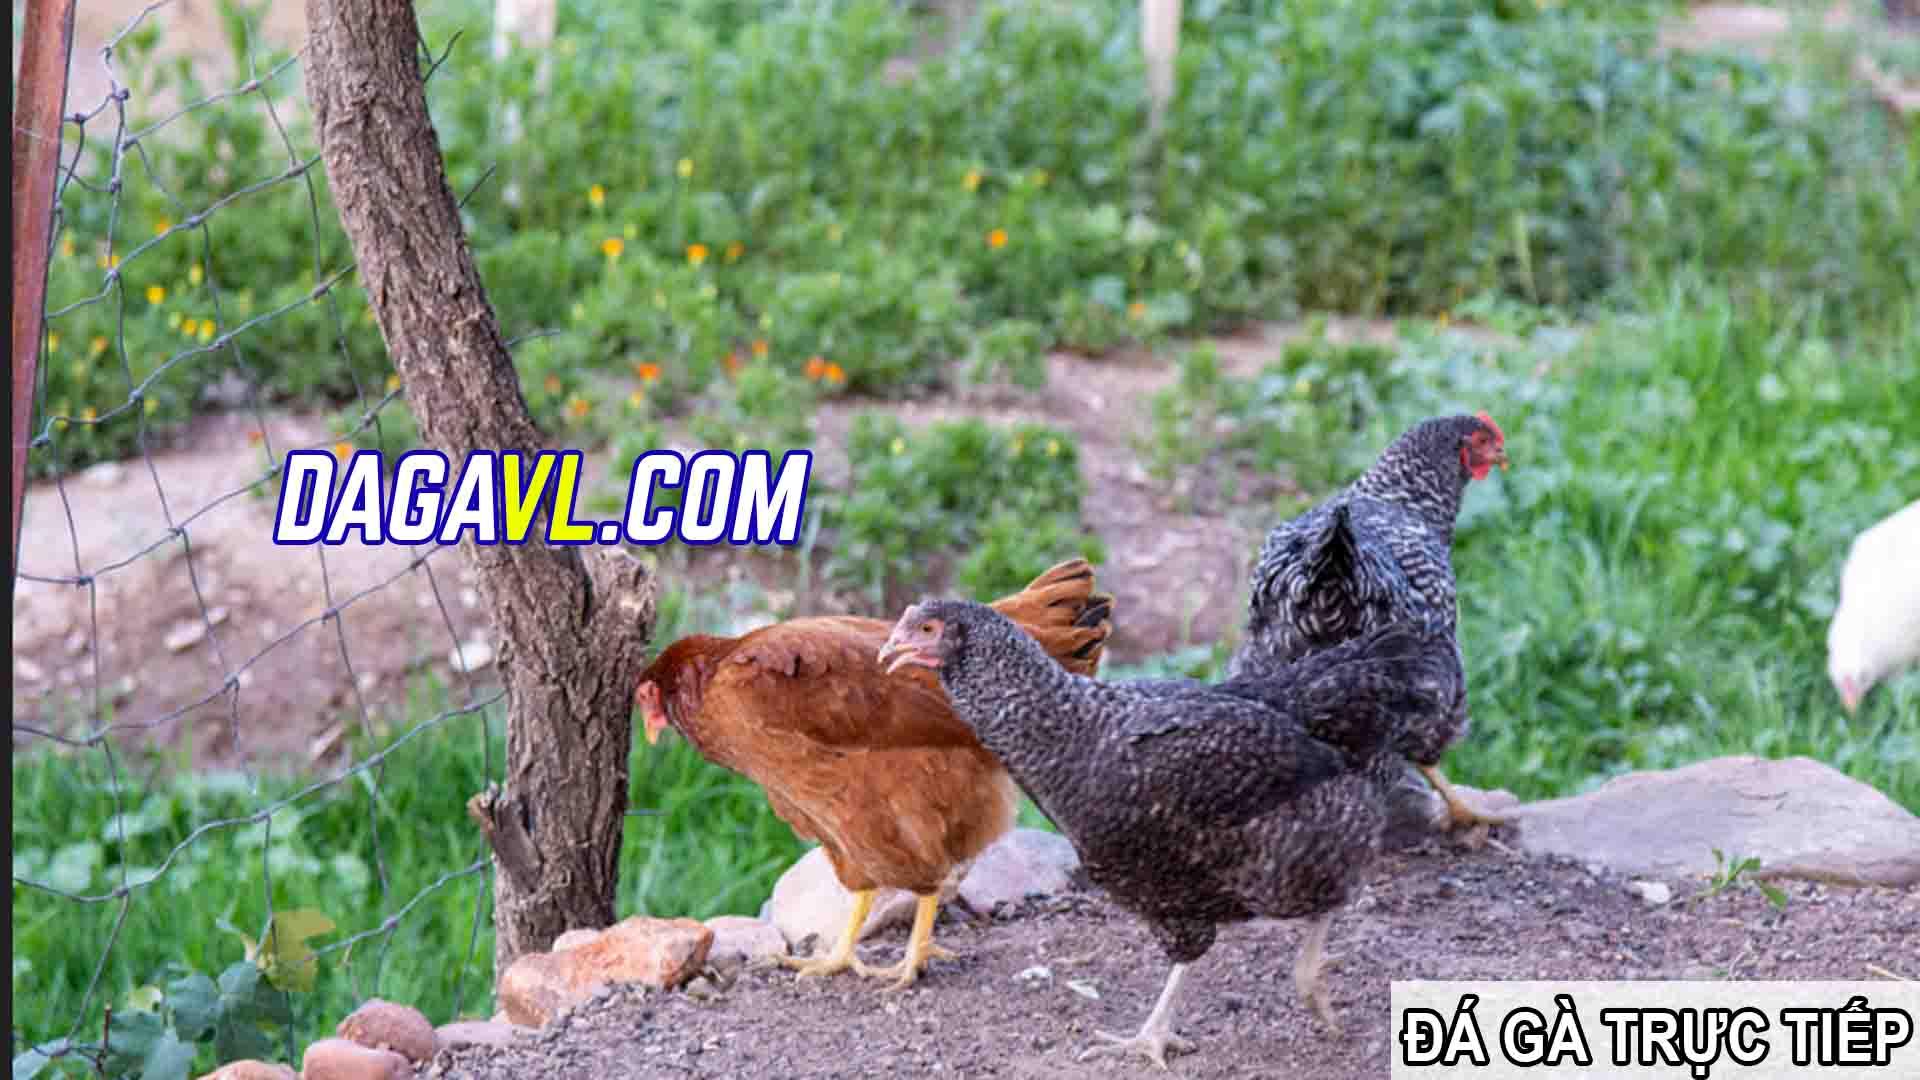 DAGAVL.COM - đá gà trực tiếp. Tác hại của việc nhổ lông gà đá hay nhất(PHẦN 1)